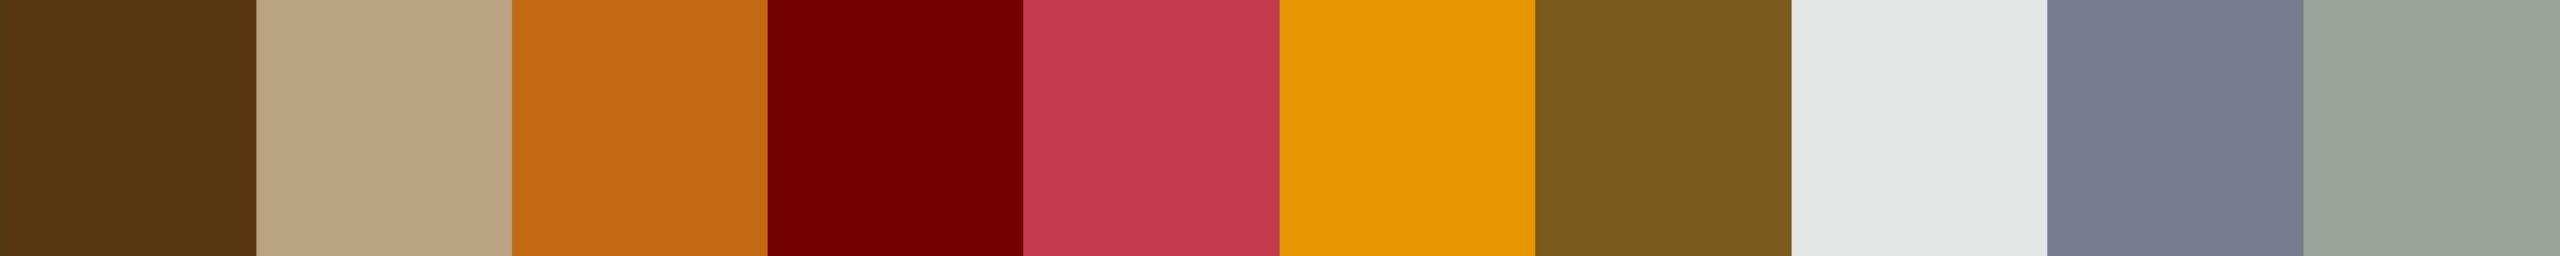 678 Motesla Color Palette